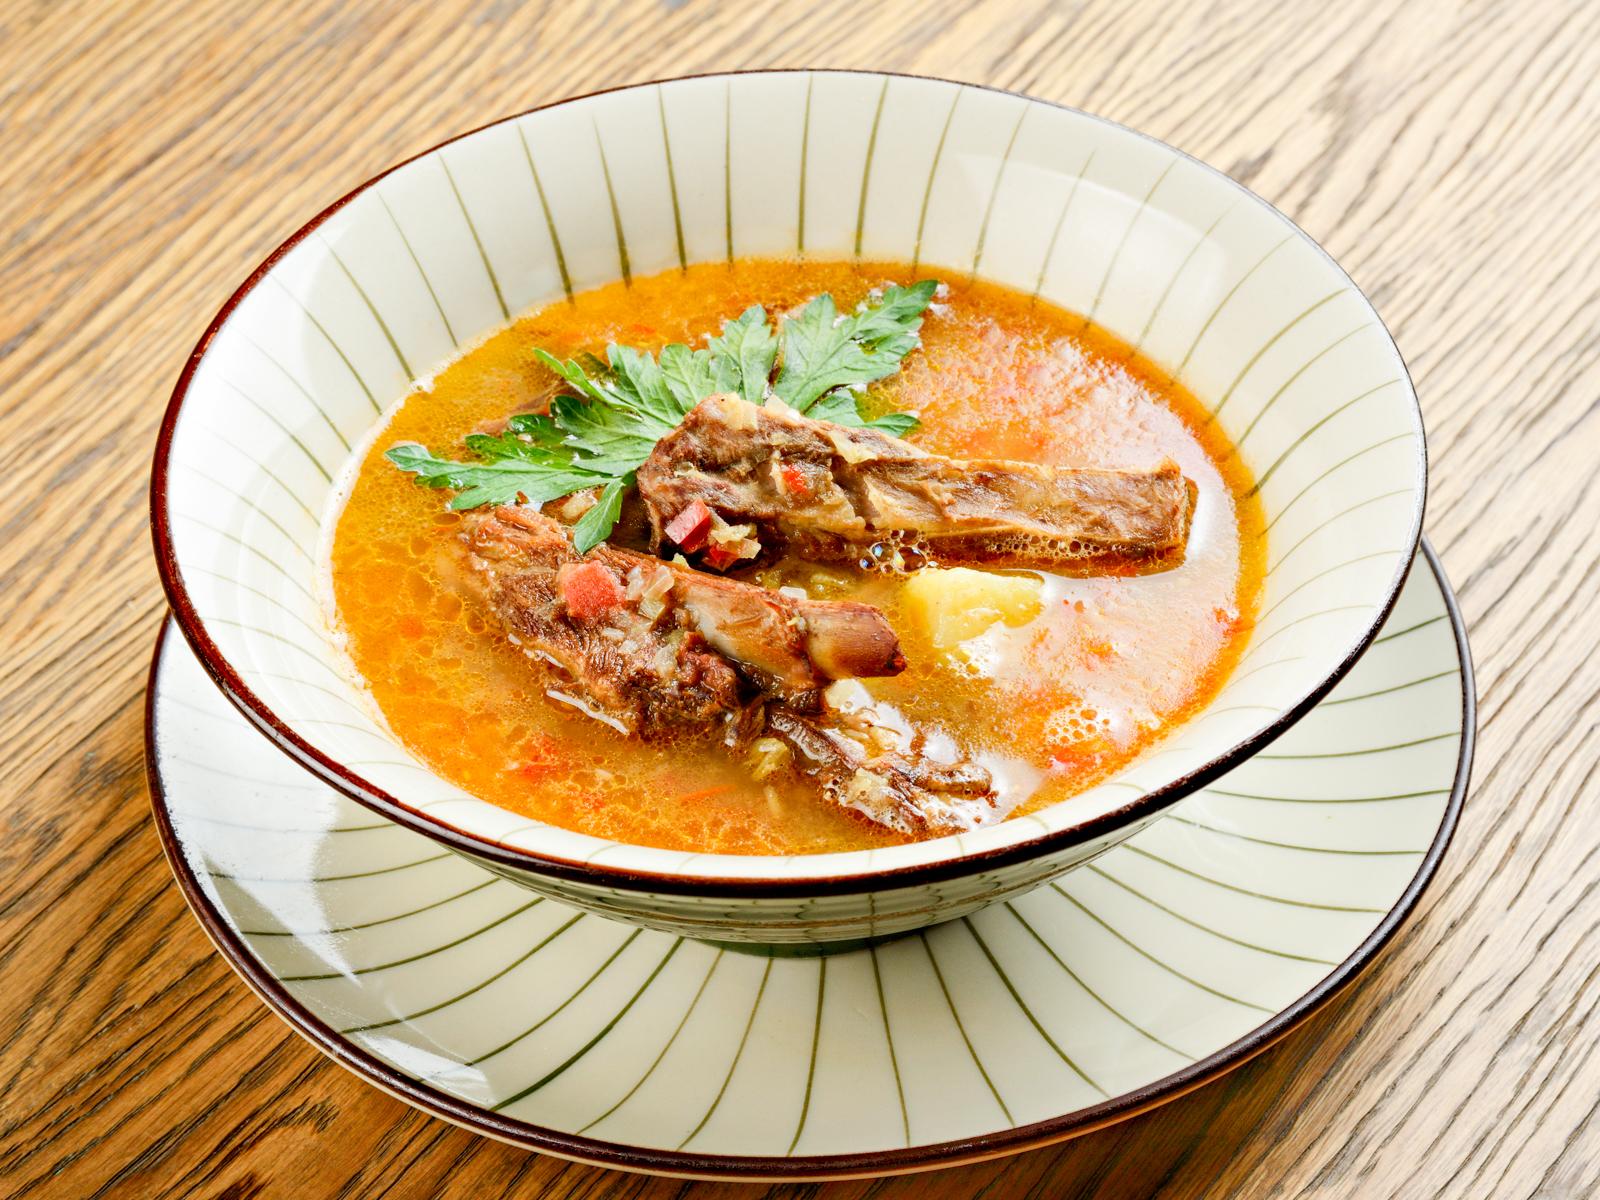 Суп с копчеными ребрышками барашка